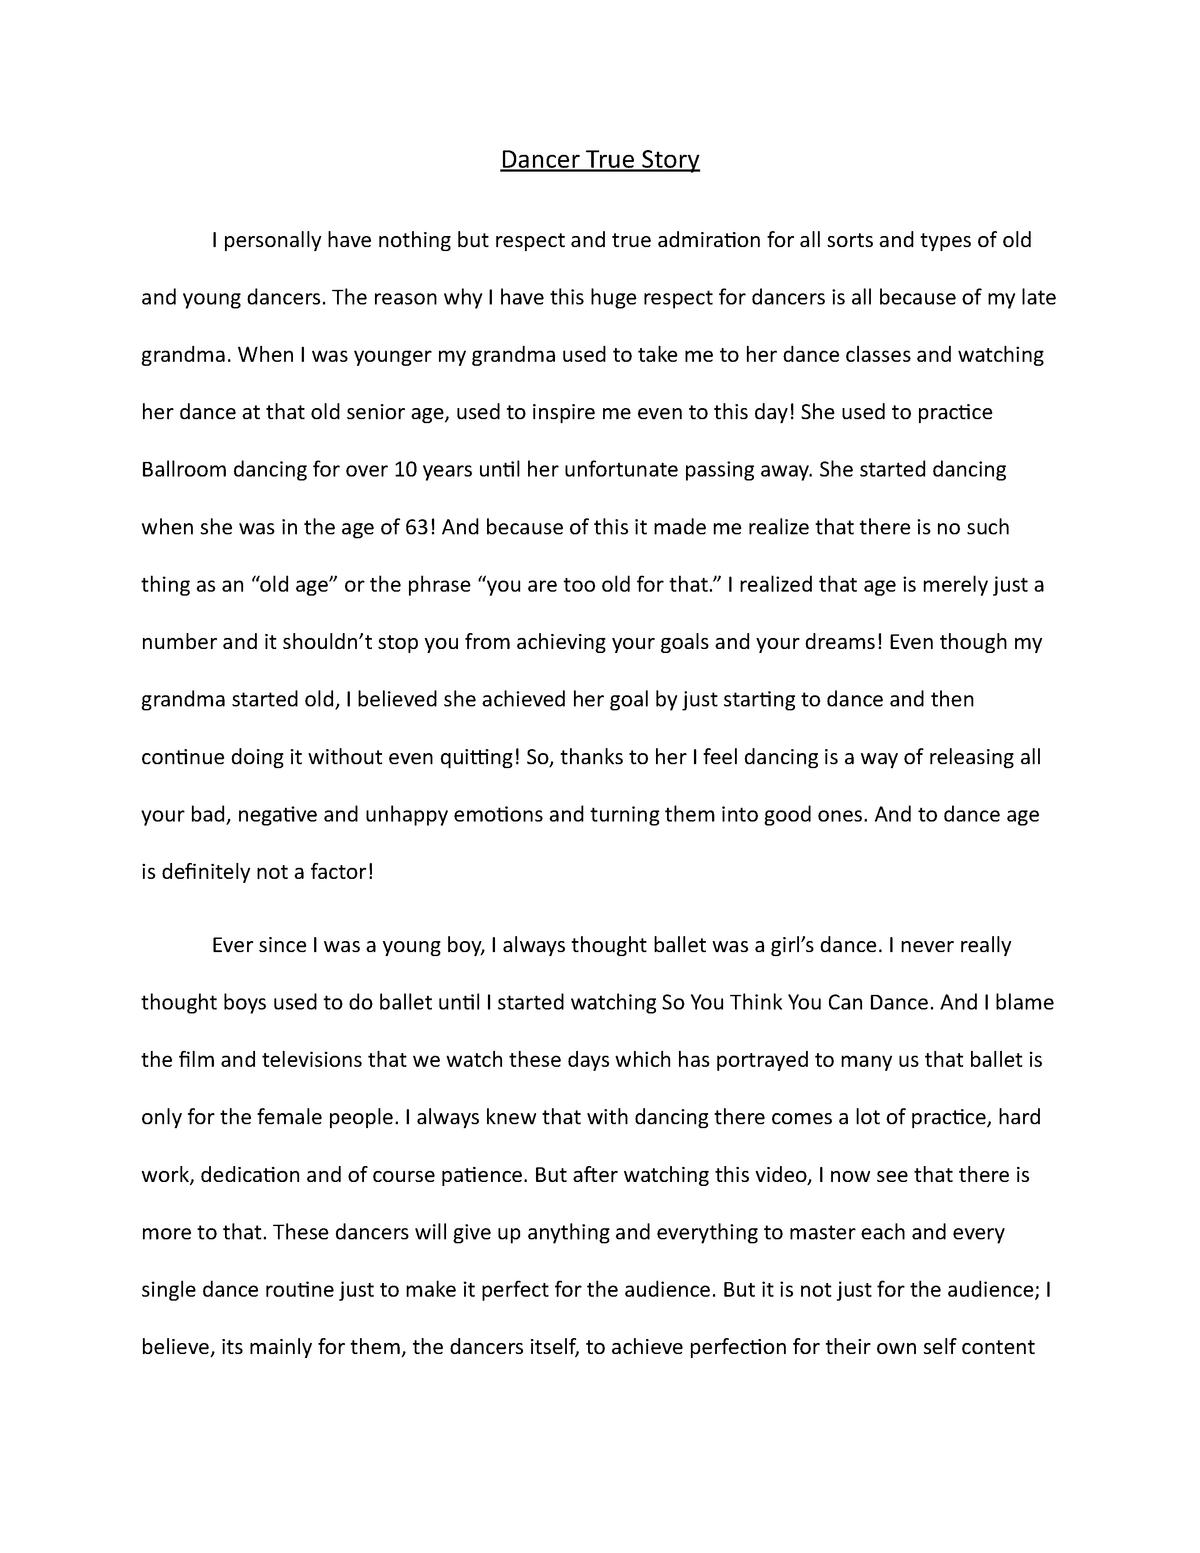 Dancer True Story - Grade: A - DANC A200: Appreciation Of